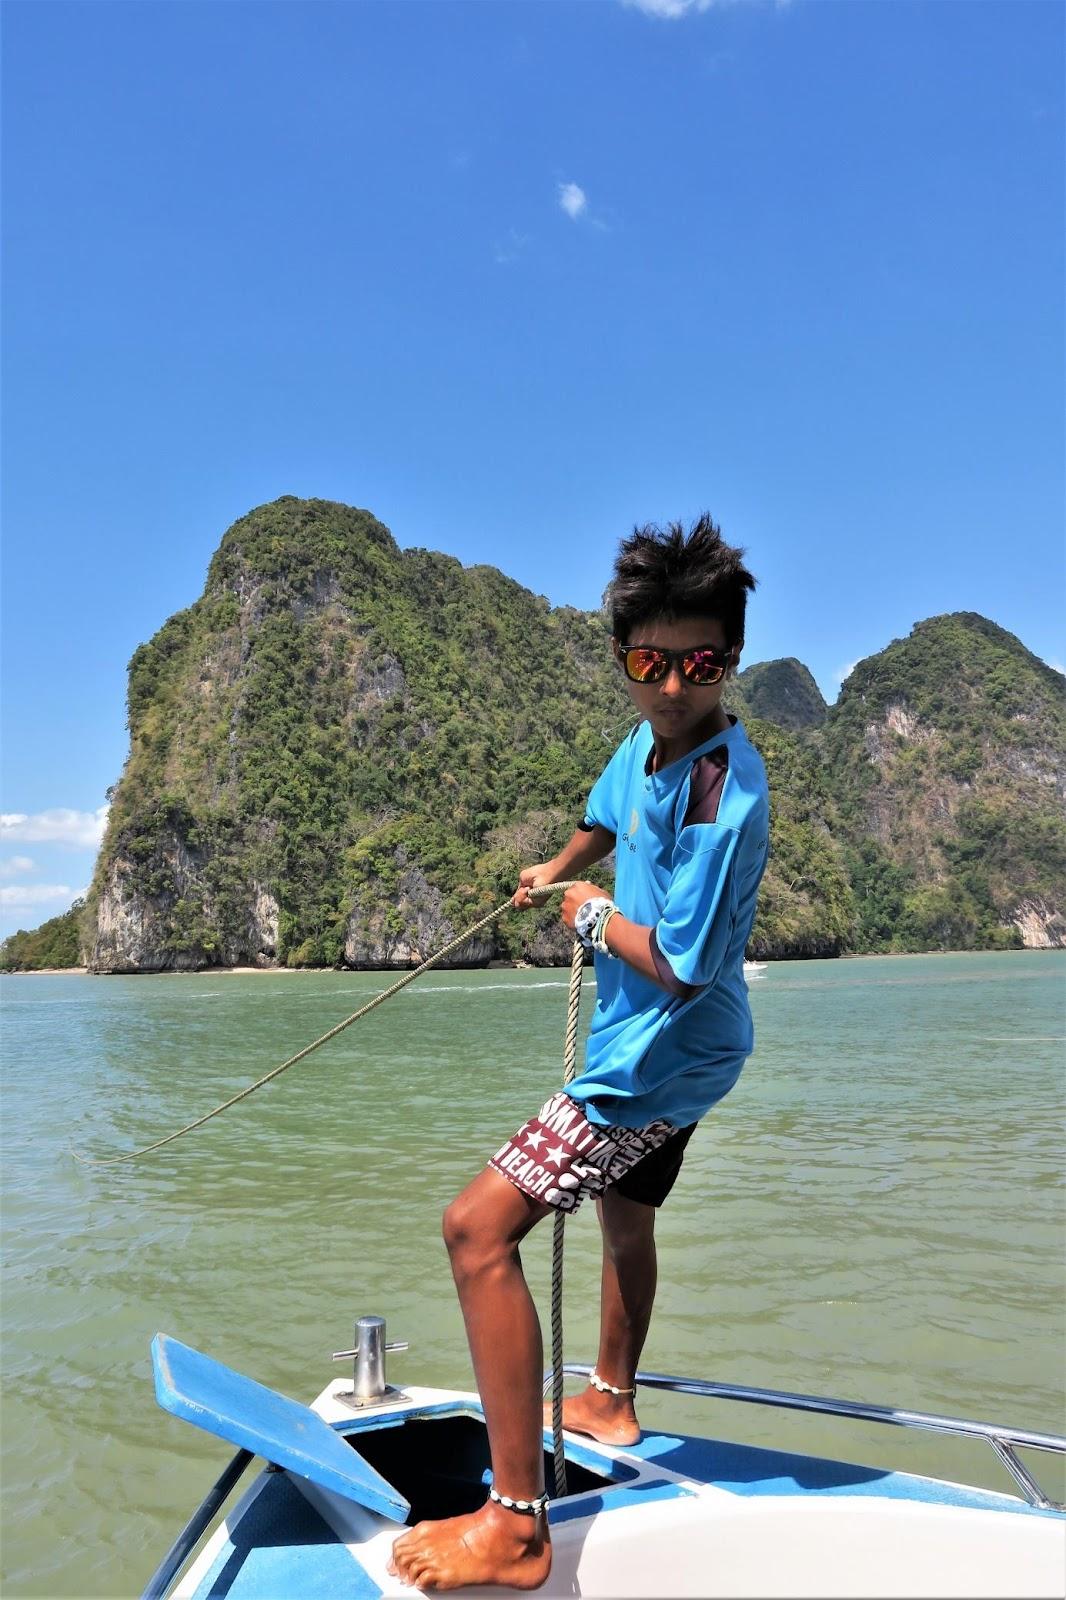 C:\Users\Administrator\Documents\Documents\Putovanja\PUTOPISI\TAJLAND\Tajland 6\Slike\16.jpg